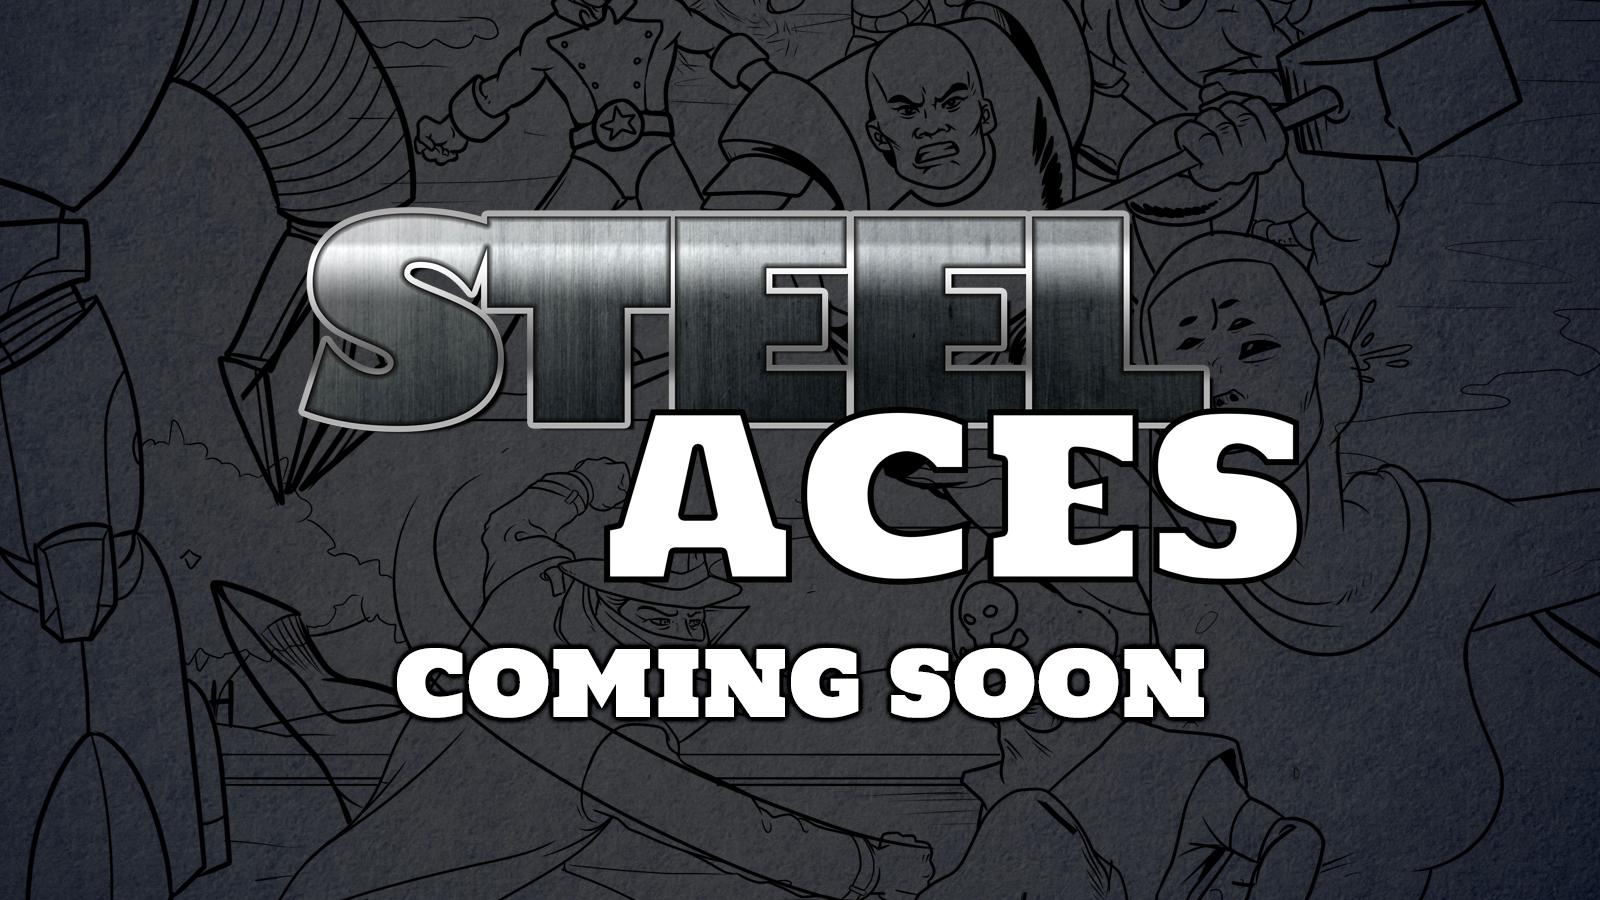 Steel Aces: Coming Soon